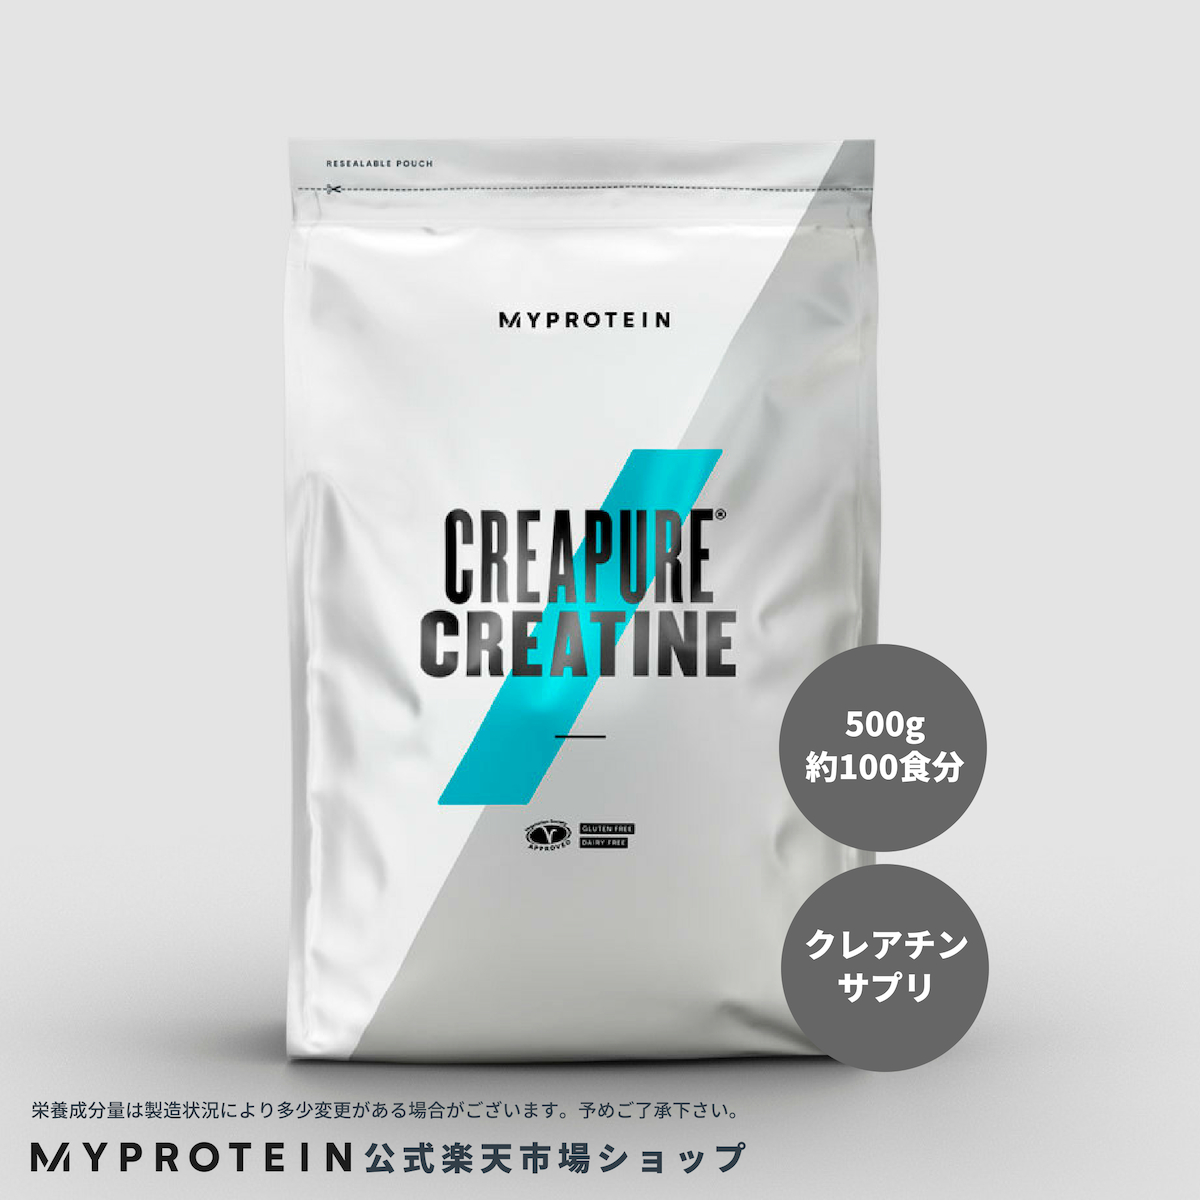 マイプロテイン 公式 【MyProtein】 クレアピュア クレアチン 500g 約100食分| サプリメント サプリ アミノ酸 あみの酸 クレアチン クエン酸 燃焼系 スポーツサプリ ダイエットサプリ パウダー モノハイドレート